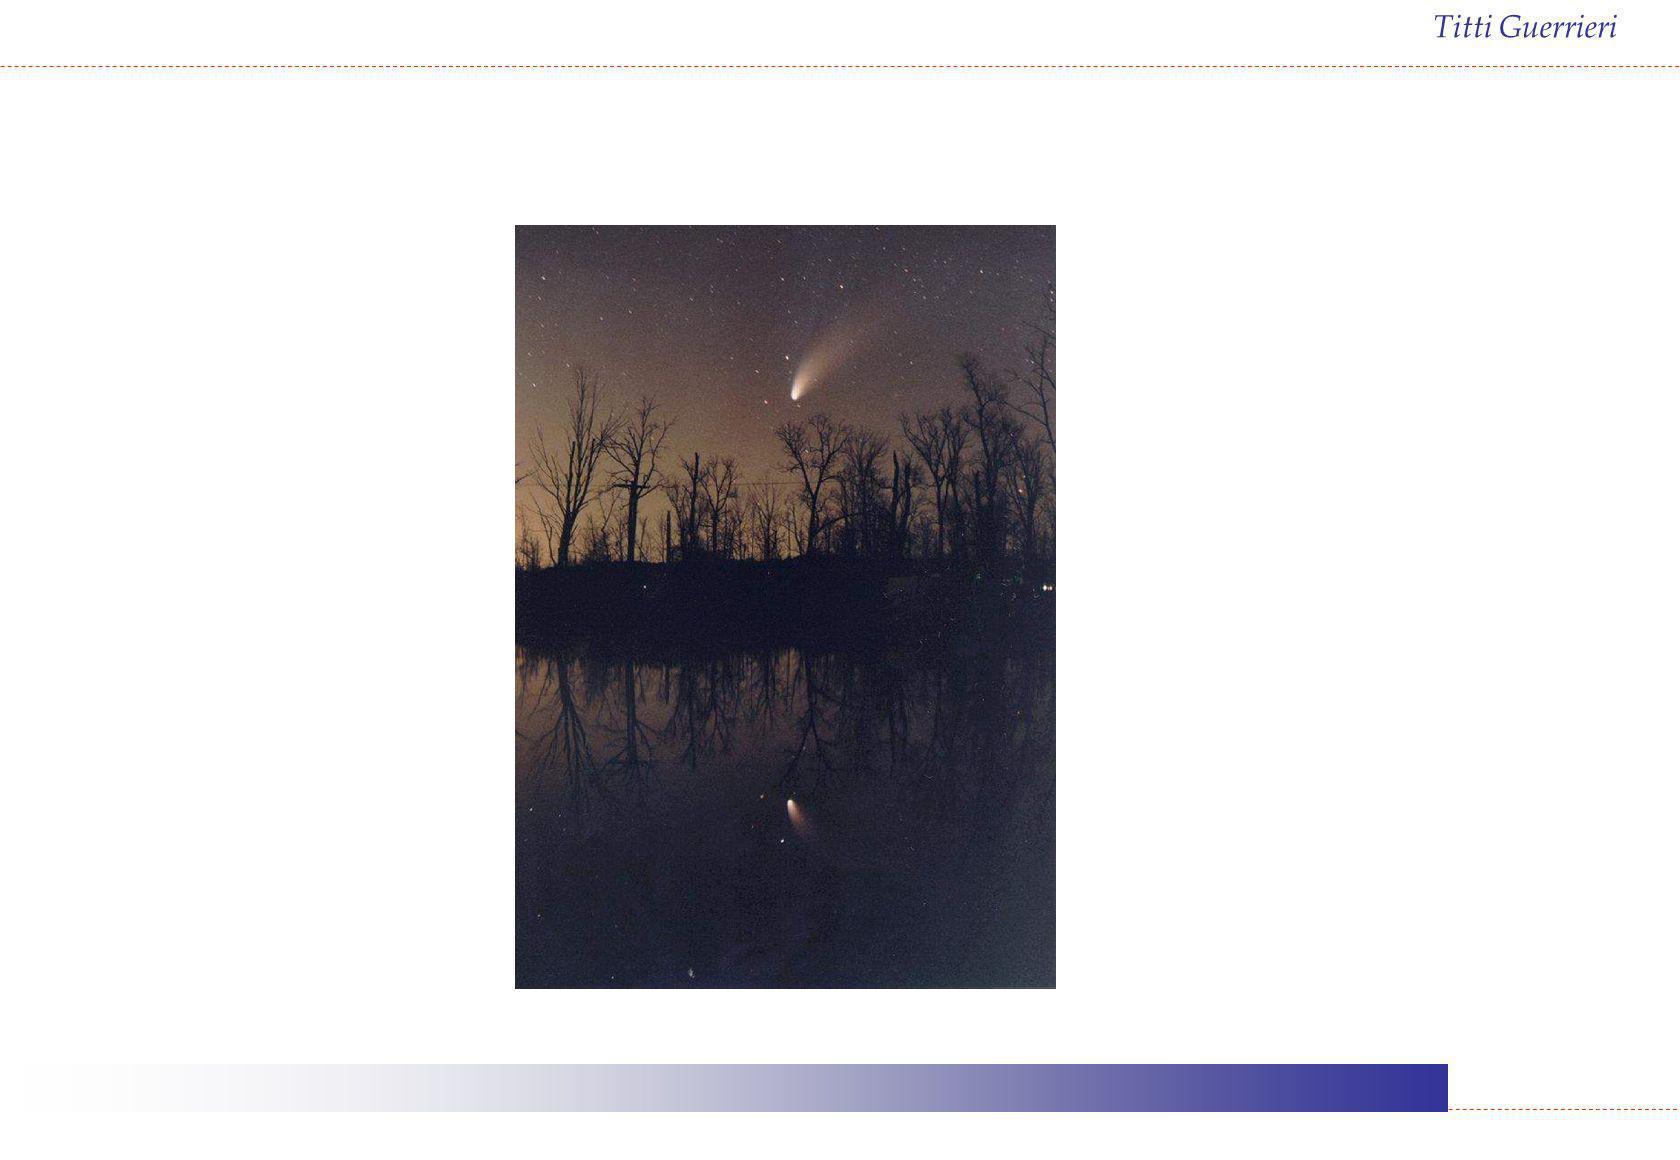 Titti Guerrieri Il metodo dei transiti Il metodo, originariamente ideato da Halley per iI transito di Mercurio del 1677, si basa sul fatto che la traiettoria apparente di un pianeta interno sul disco solare non è la stessa per osservazioni effettuate da punti diversi della superficie terrestre ma dipende: dalle dimensioni della Terra dalla distanza tra gli osservatori dalla distanza Terra – Sole